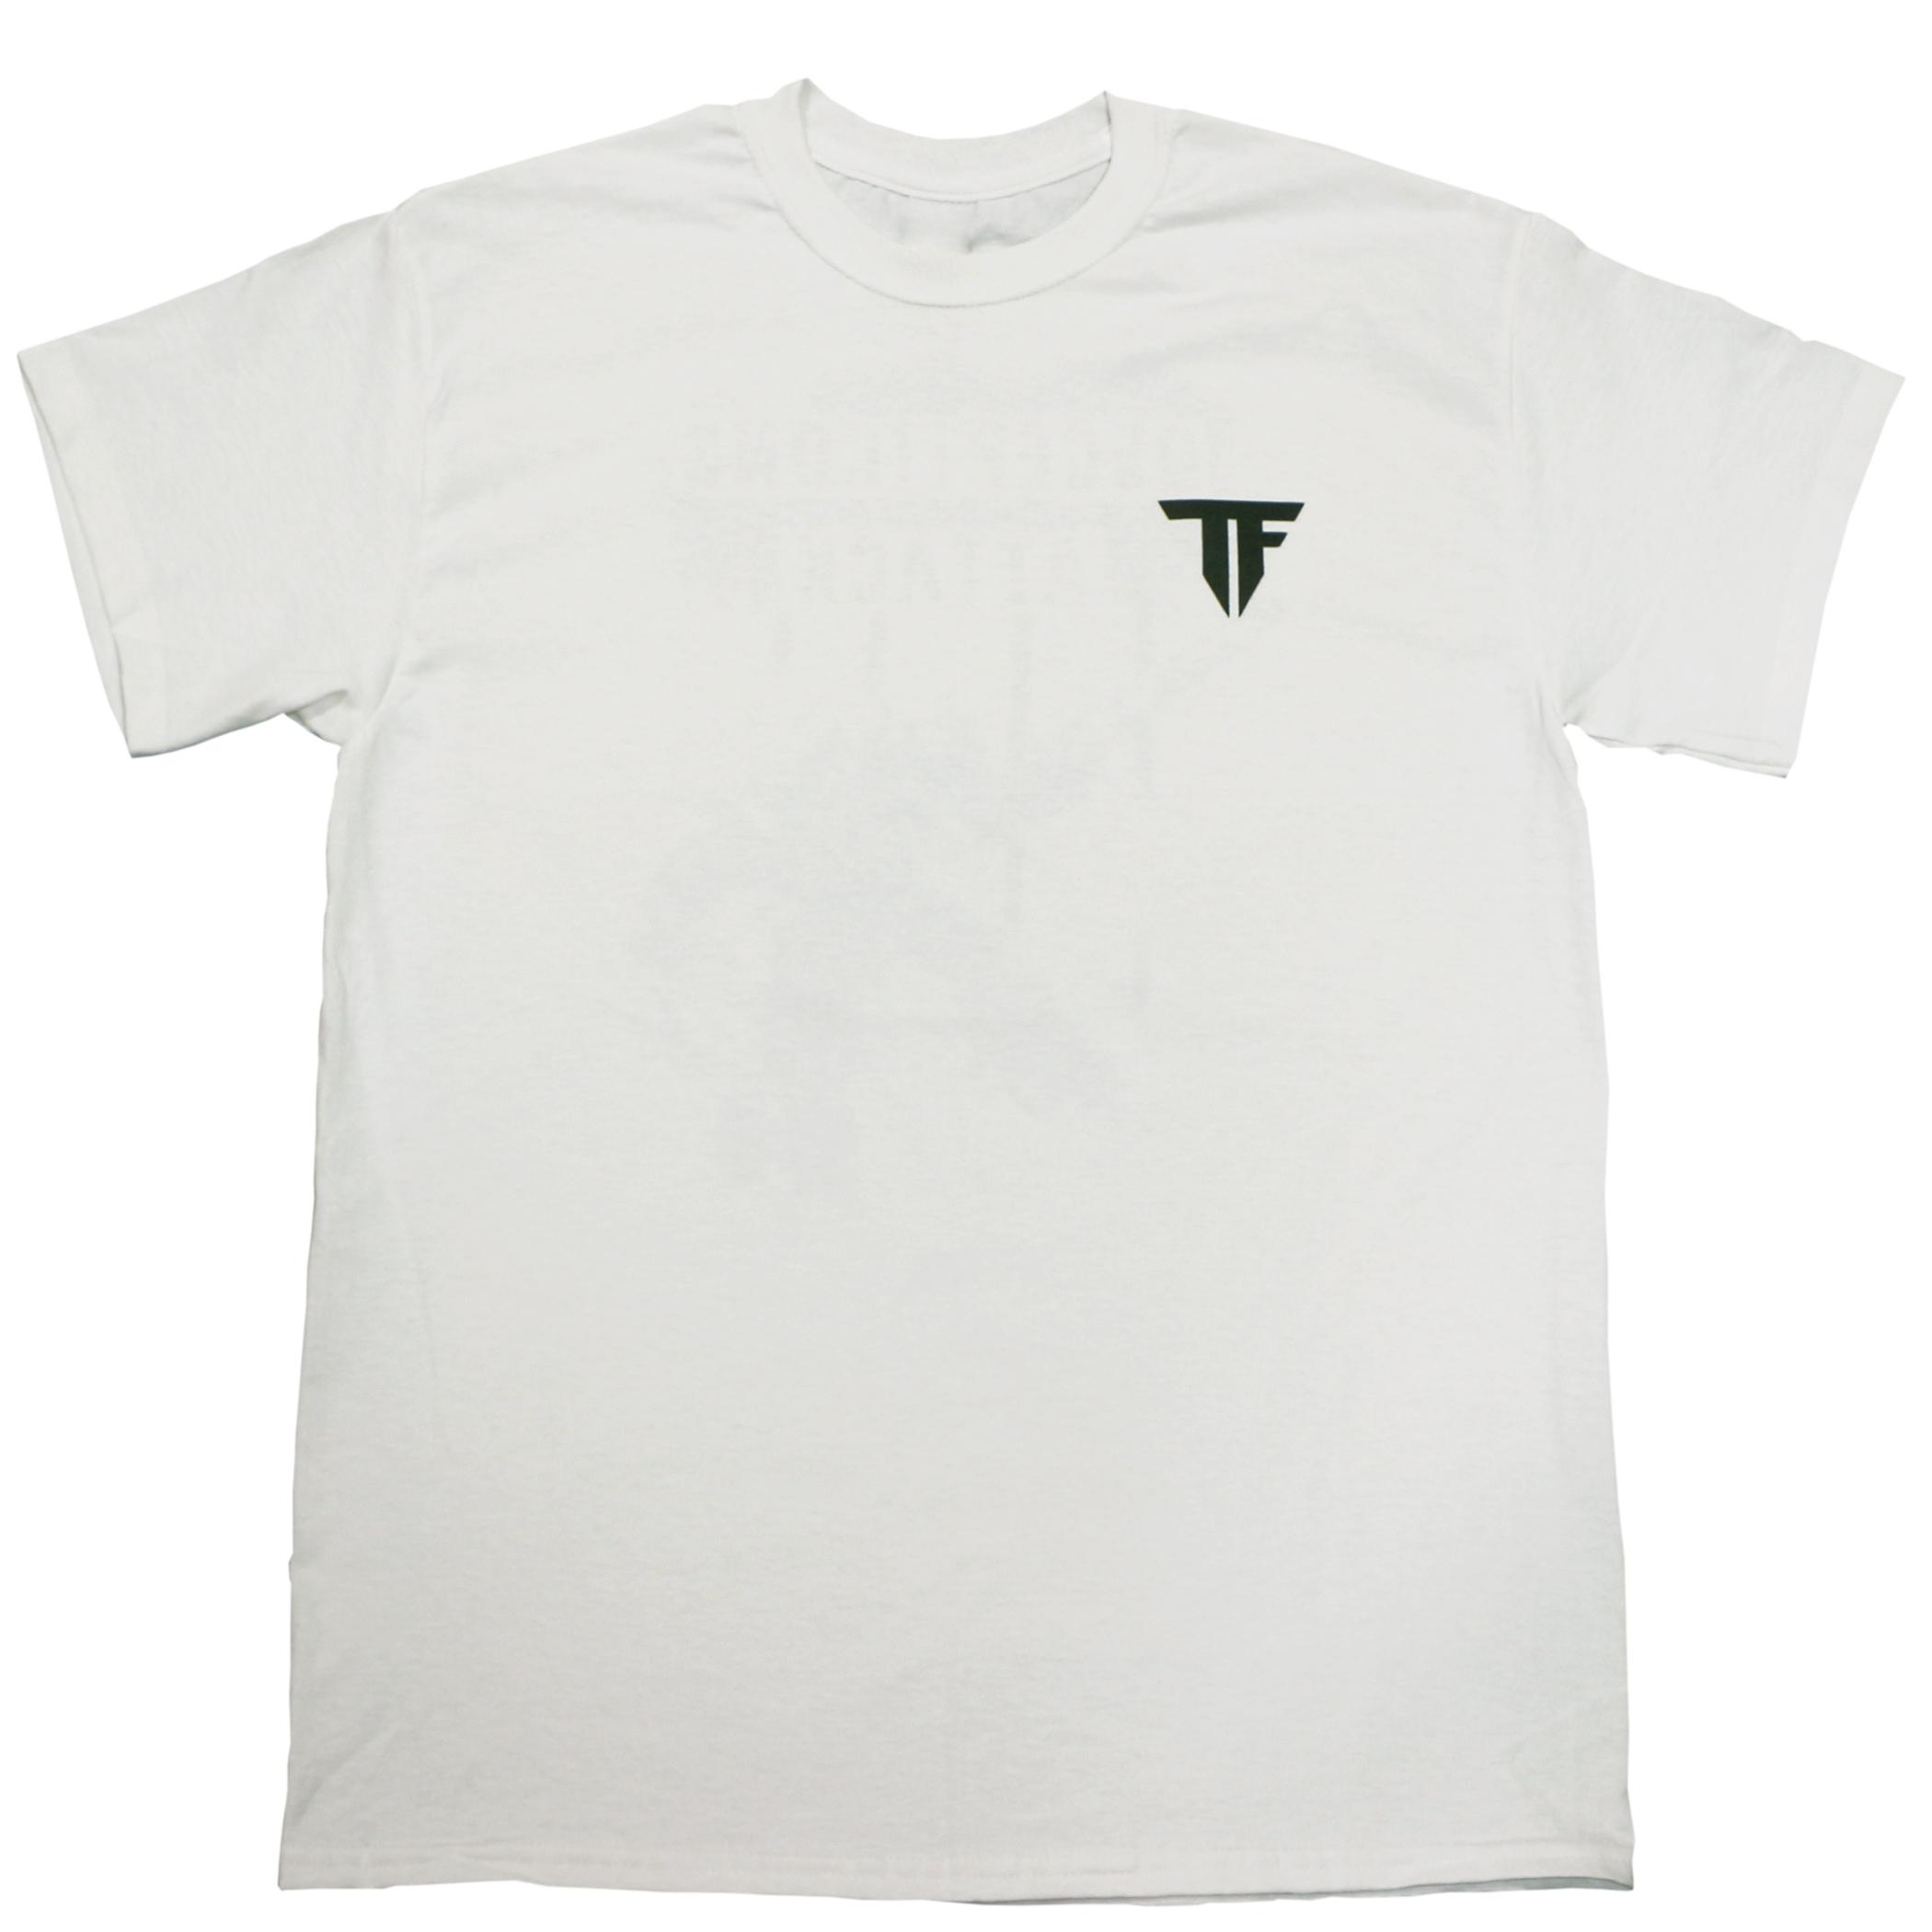 【トランスフォーマー】映画:トランスフォーマー・ダークサイドムーン|メガトロン 両面アートプリントTシャツ